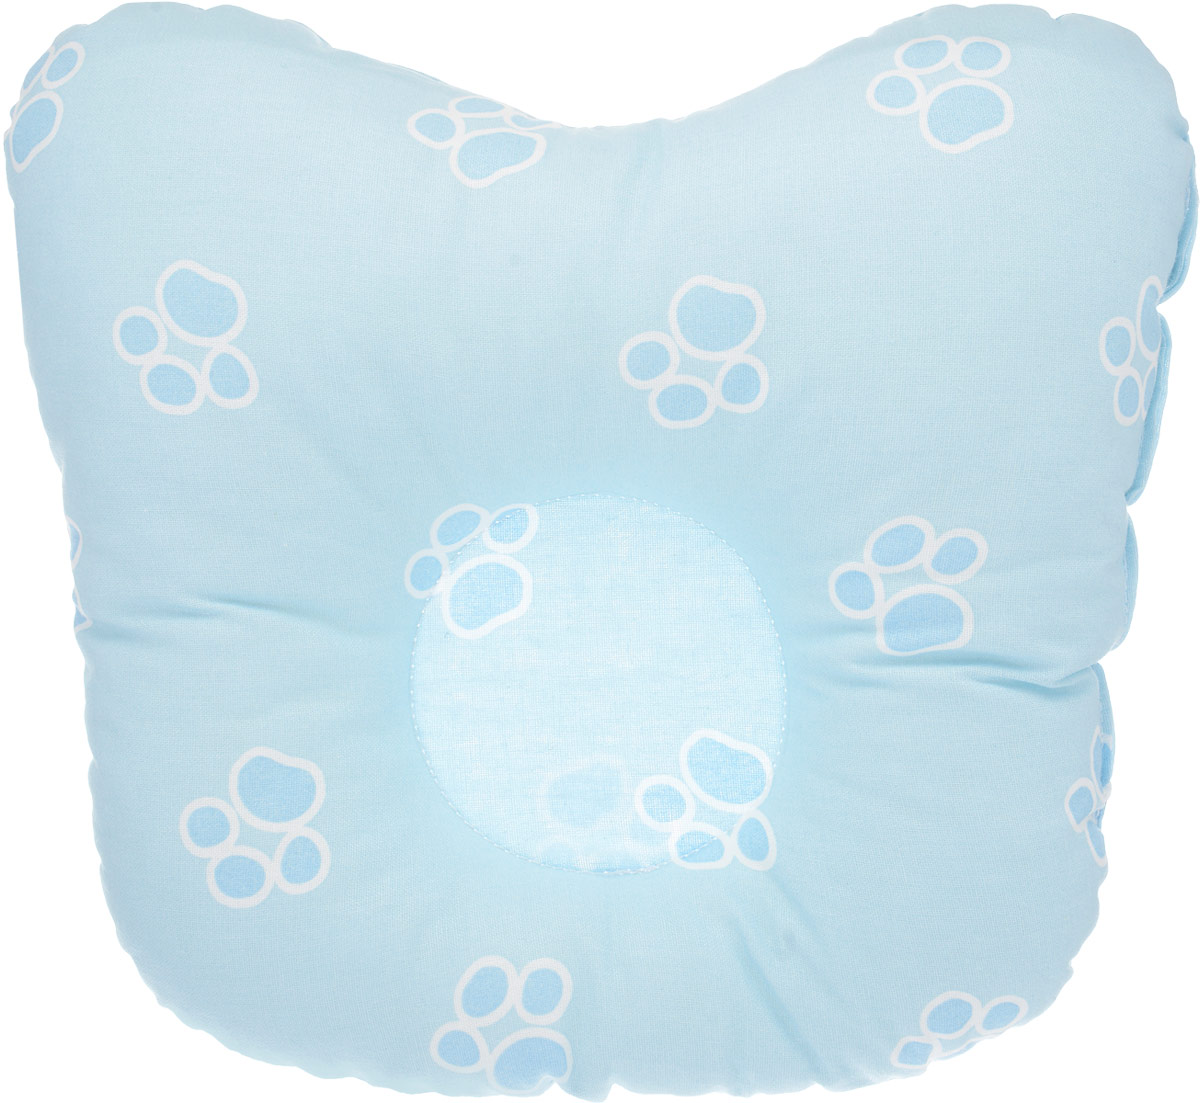 Сонный гномик Подушка анатомическая для младенцев Лапки цвет голубой 27 х 20 см10503Анатомическая подушка для младенцев Сонный гномик Лапки изготовлена из бязи - 100% хлопка. Наполнитель - синтепон в гранулах (100% полиэстер).Подушка компактна и удобна для пеленания малыша и кормления на руках, она также незаменима для сна ребенка в кроватке и комфортна для использования в коляске на прогулке. Углубление в подушке фиксирует правильное положение головы ребенка.Подушка помогает правильному формированию шейного отдела позвоночника и обеспечивает младенцу крепкий и здоровый сон. Подушка оформлена принтом с изображением маленьких лапок.